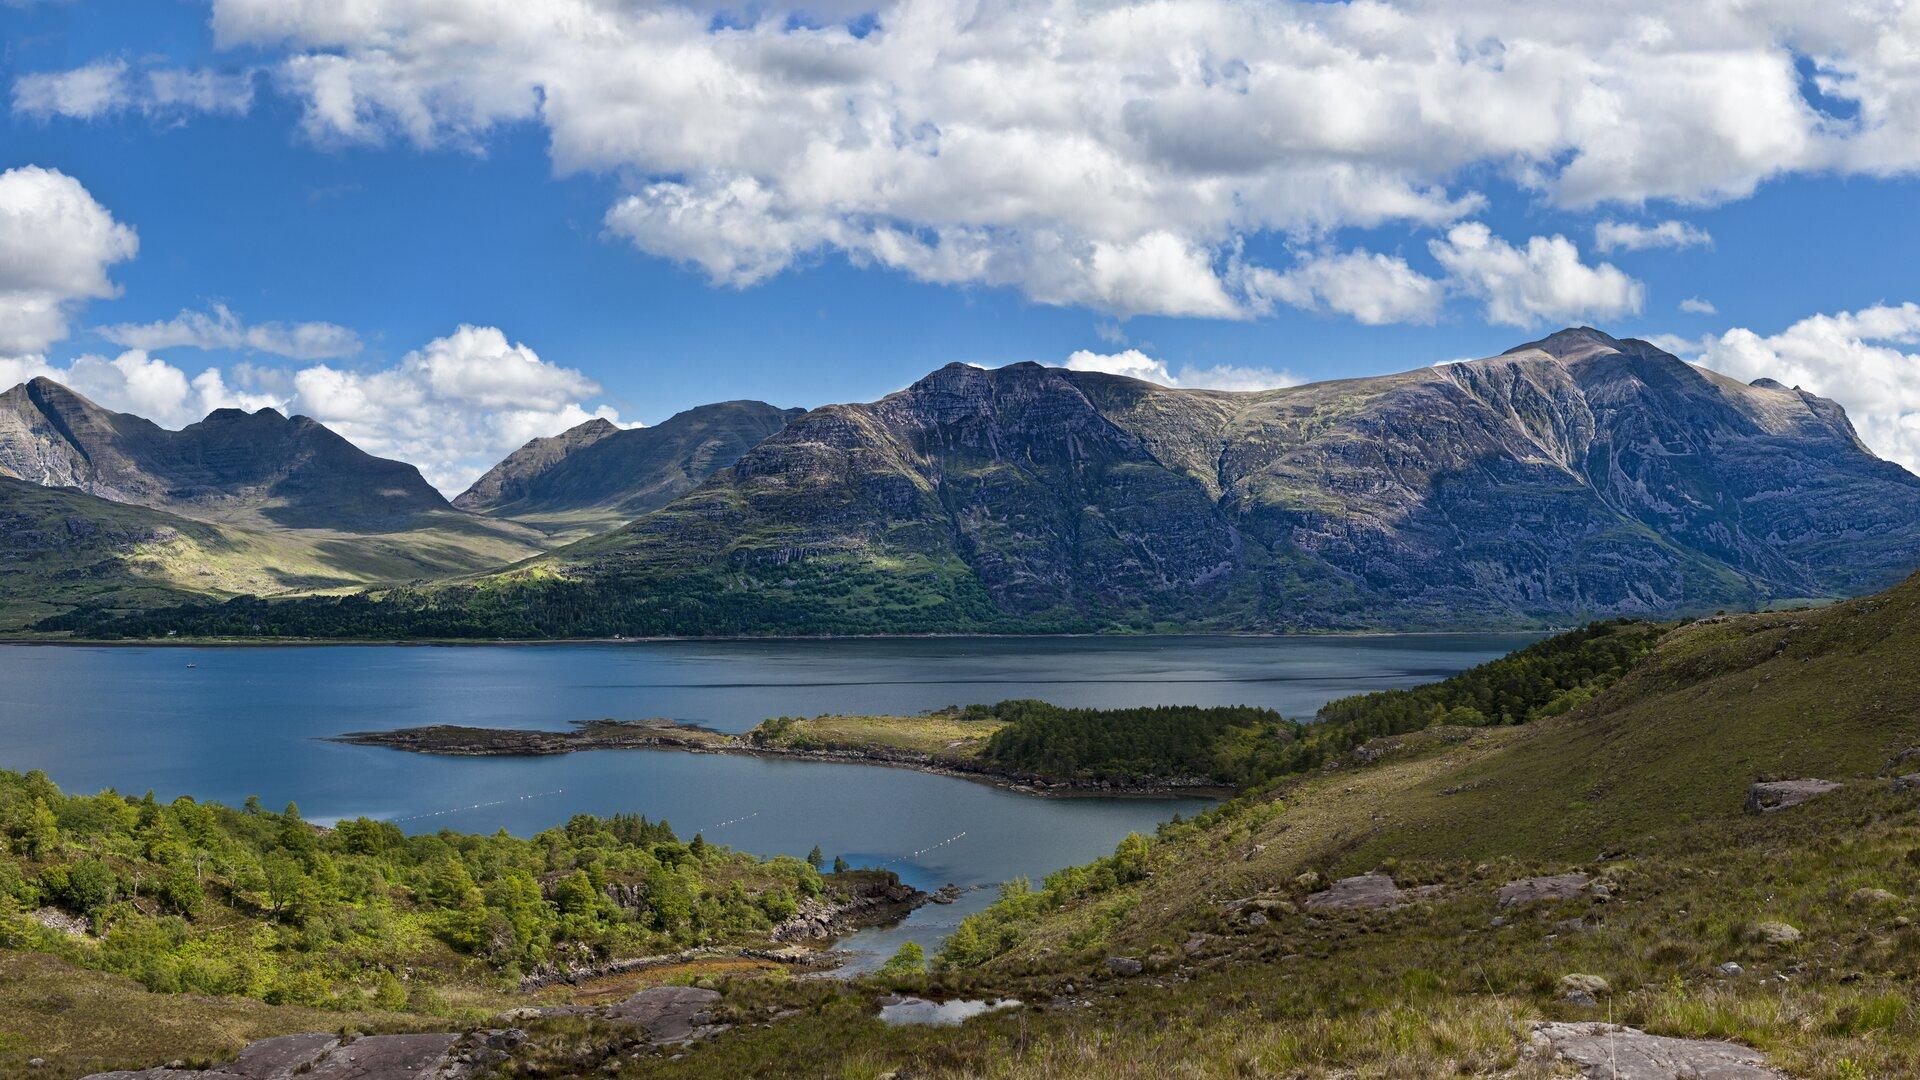 Na zdjęciu pasmo górskie, stoki skaliste, szczyty płaskie, wdolinie na pierwszym plnie zbiornik wodny.